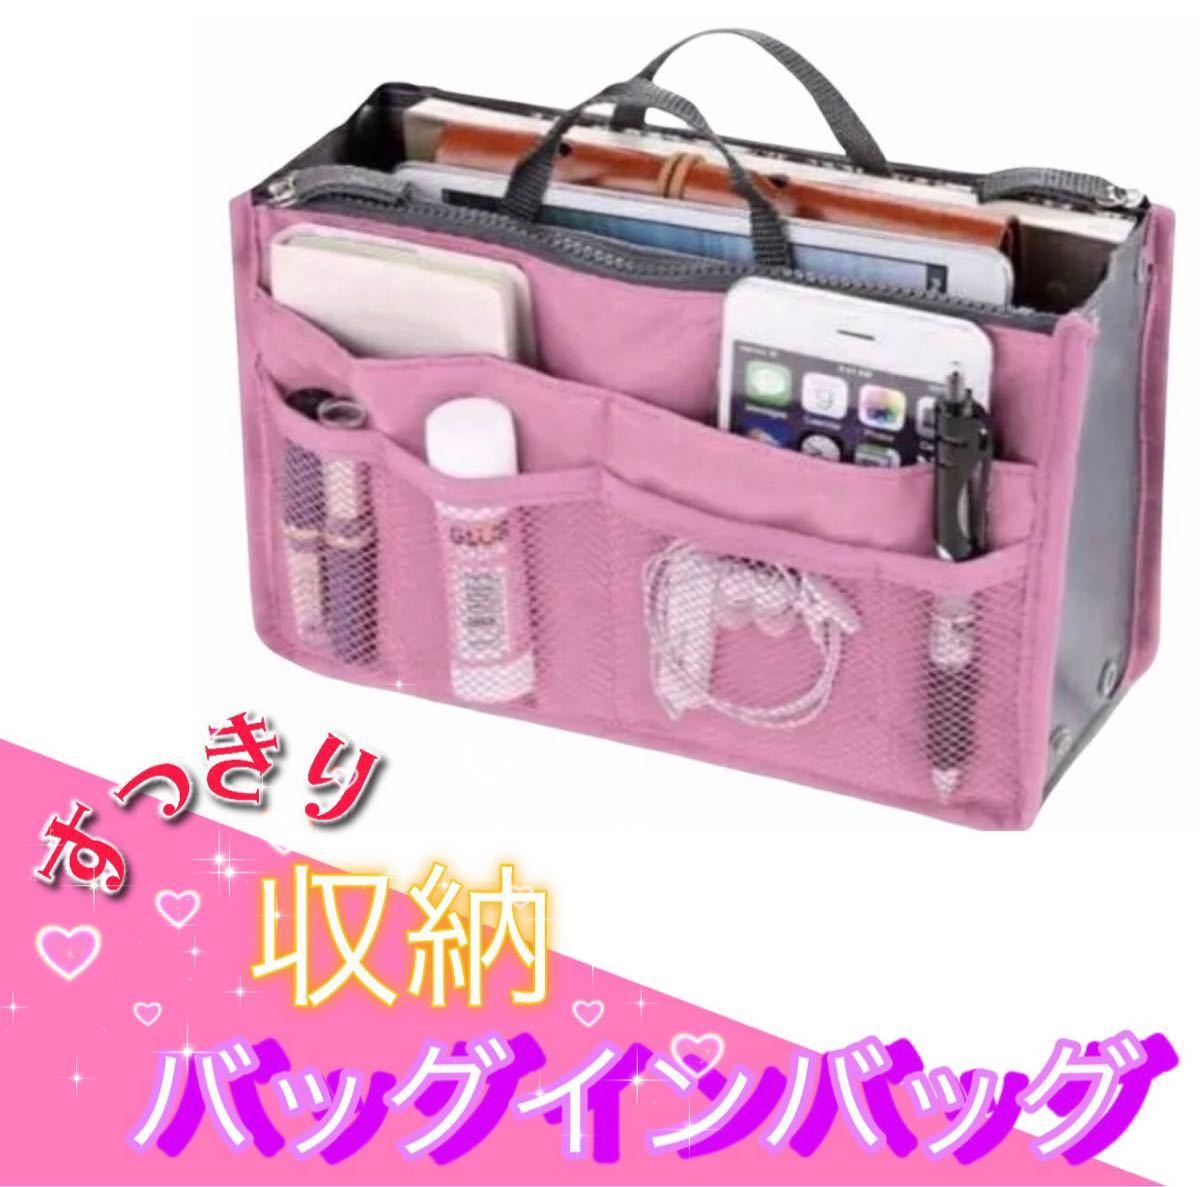 バッグインバッグ インナーバッグ インナーポーチ 小物 ピンク 整理整頓 化粧ポーチ トラベルポーチ 化粧品 トラベルポーチ